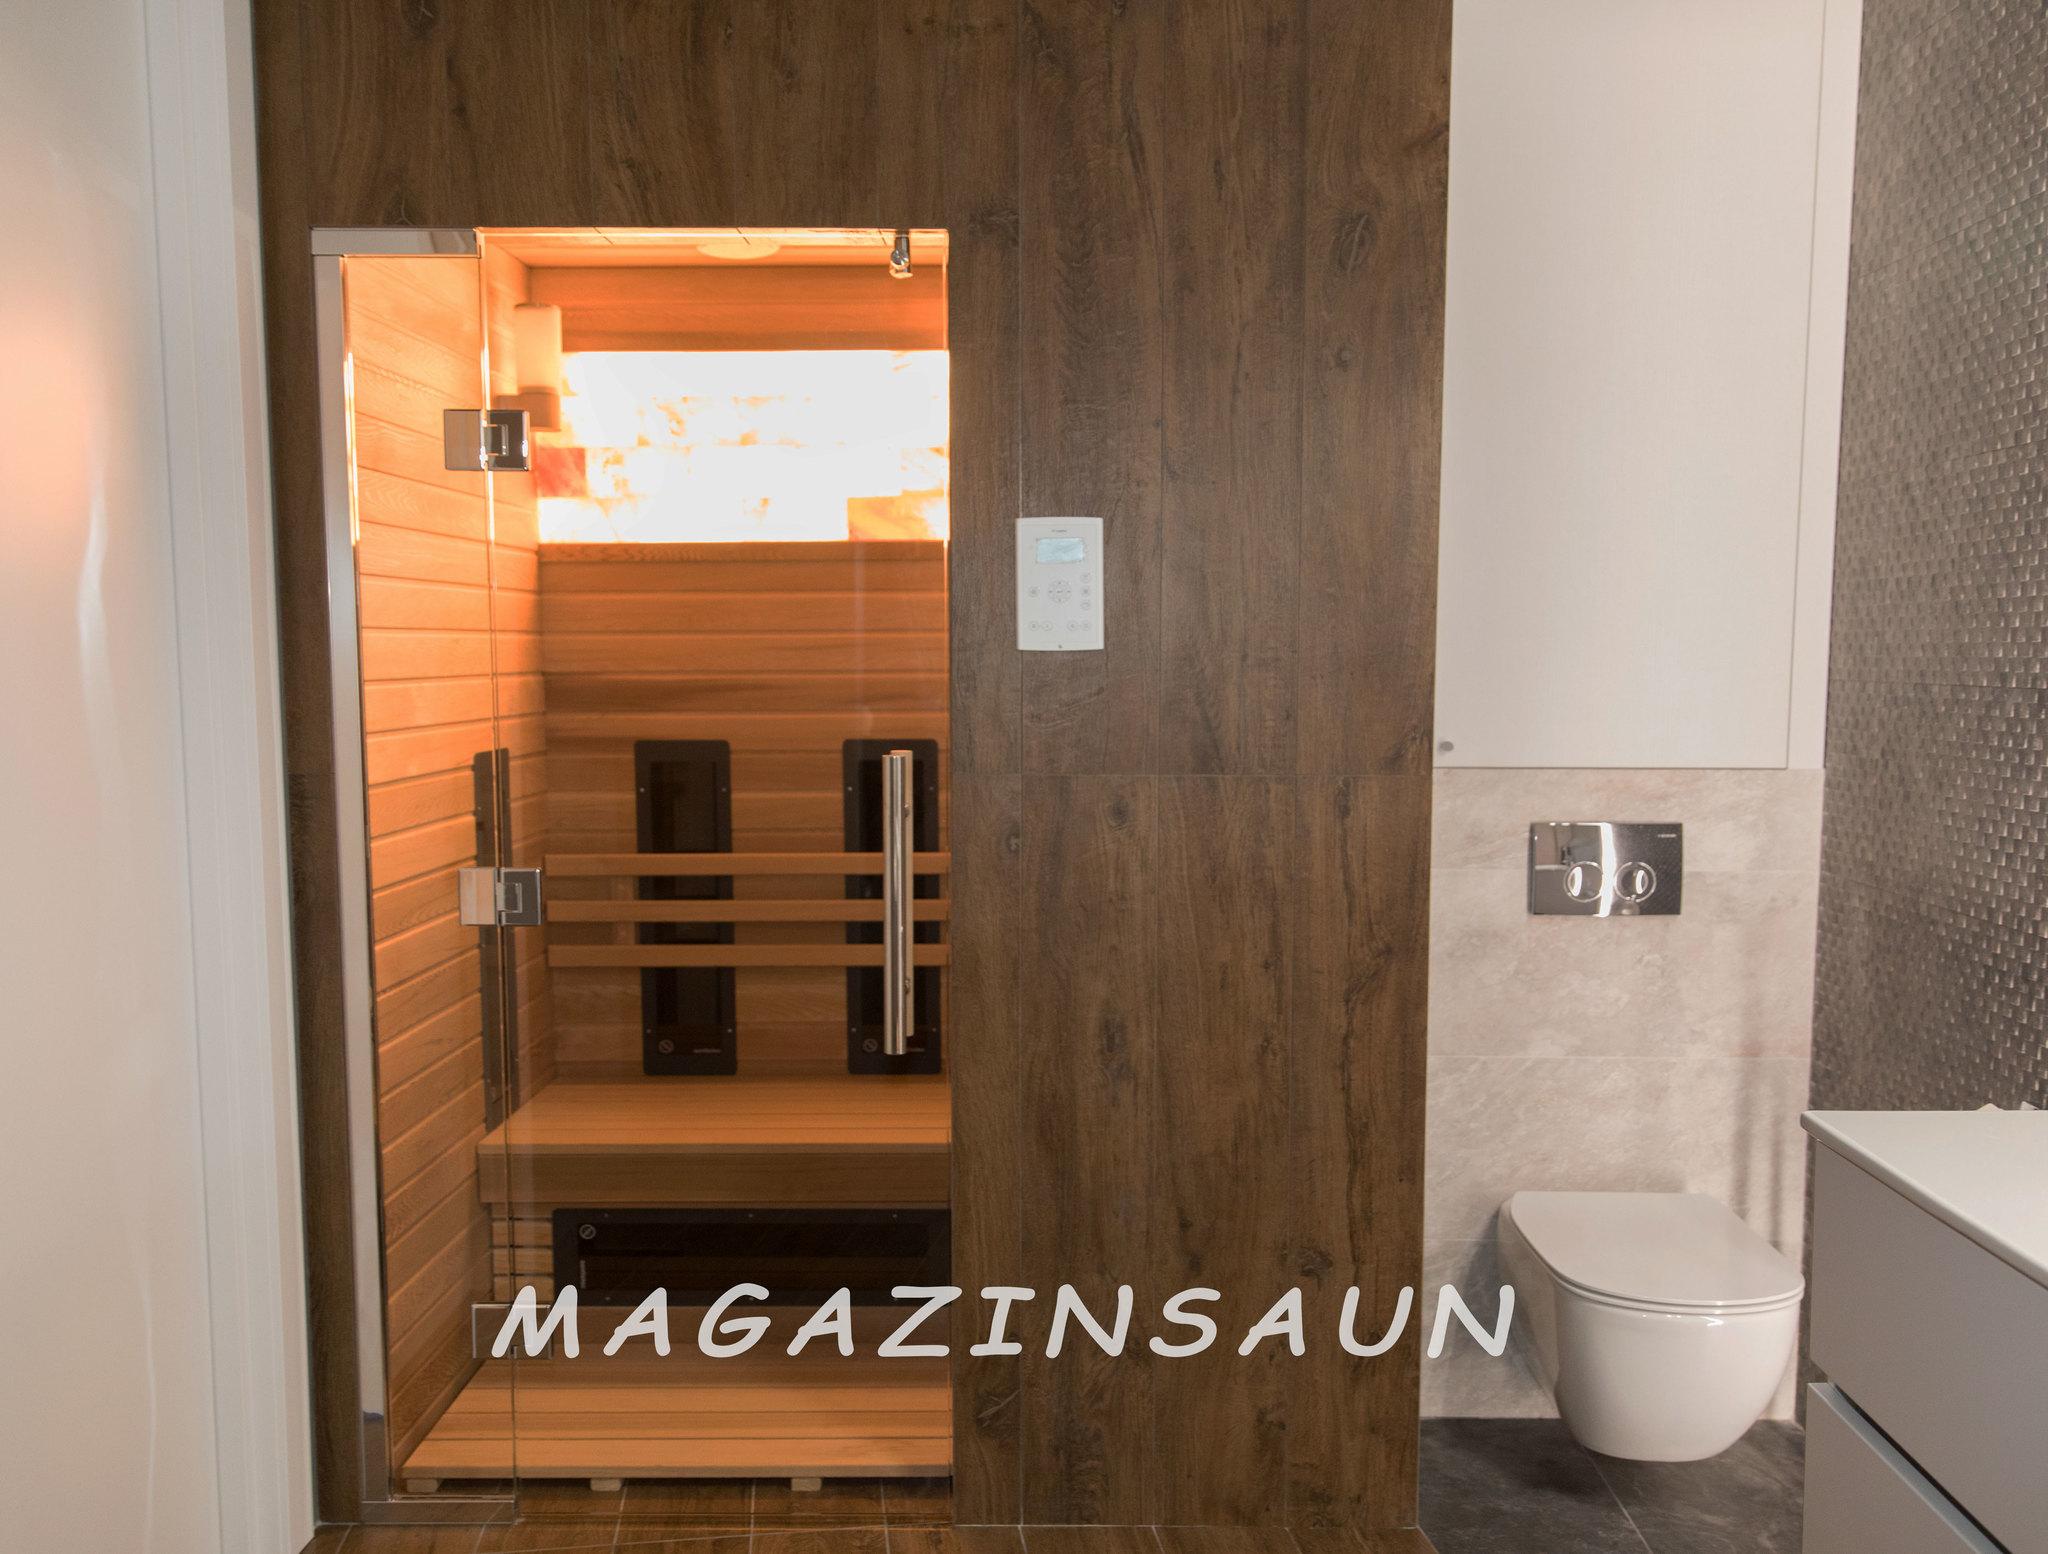 ИК сауна в квартире, фото 1